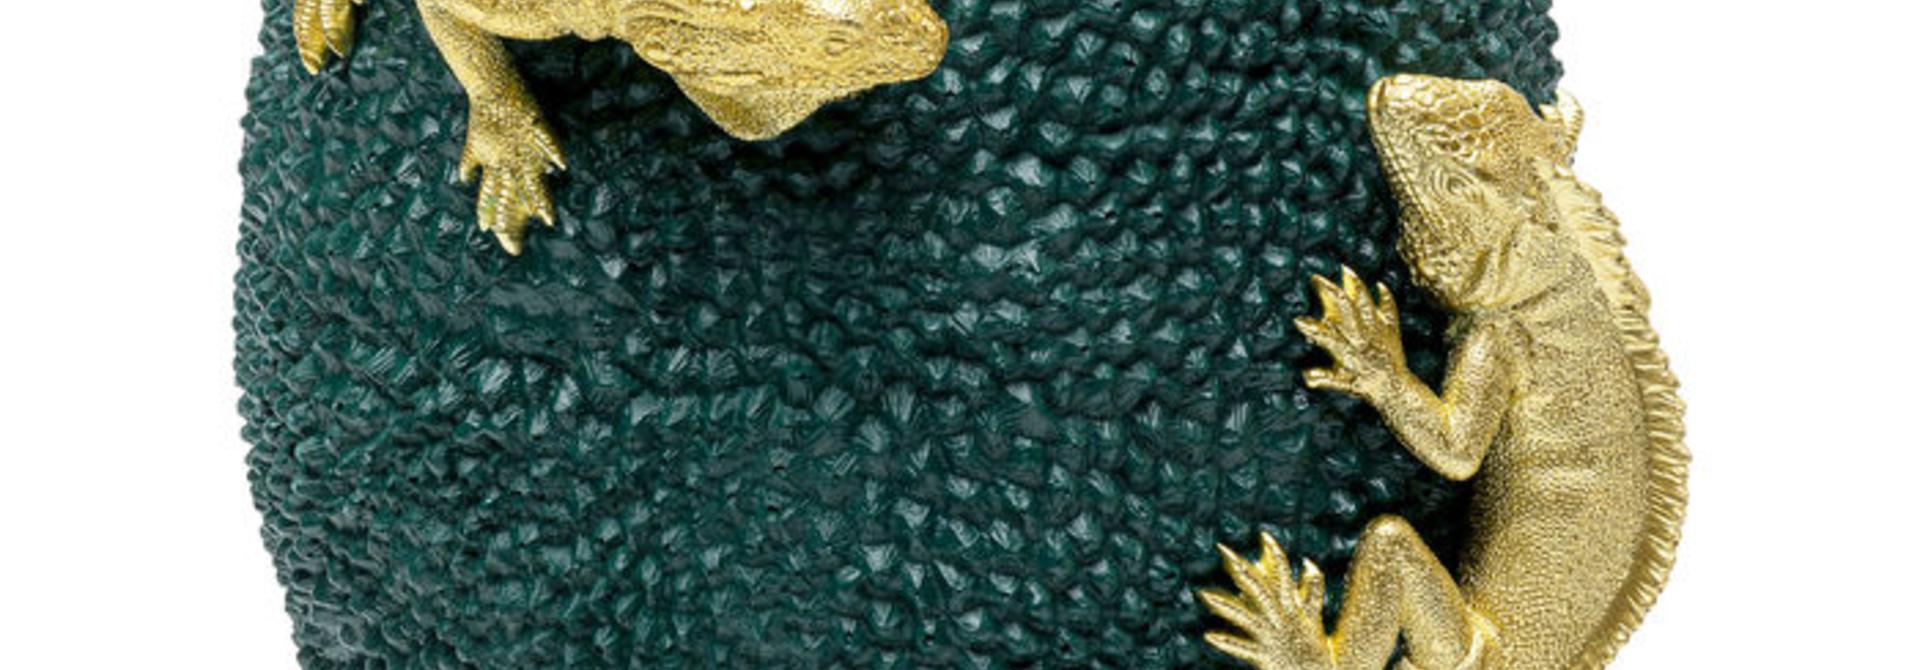 KARE DESIGN - Vase Chameleon 39cm